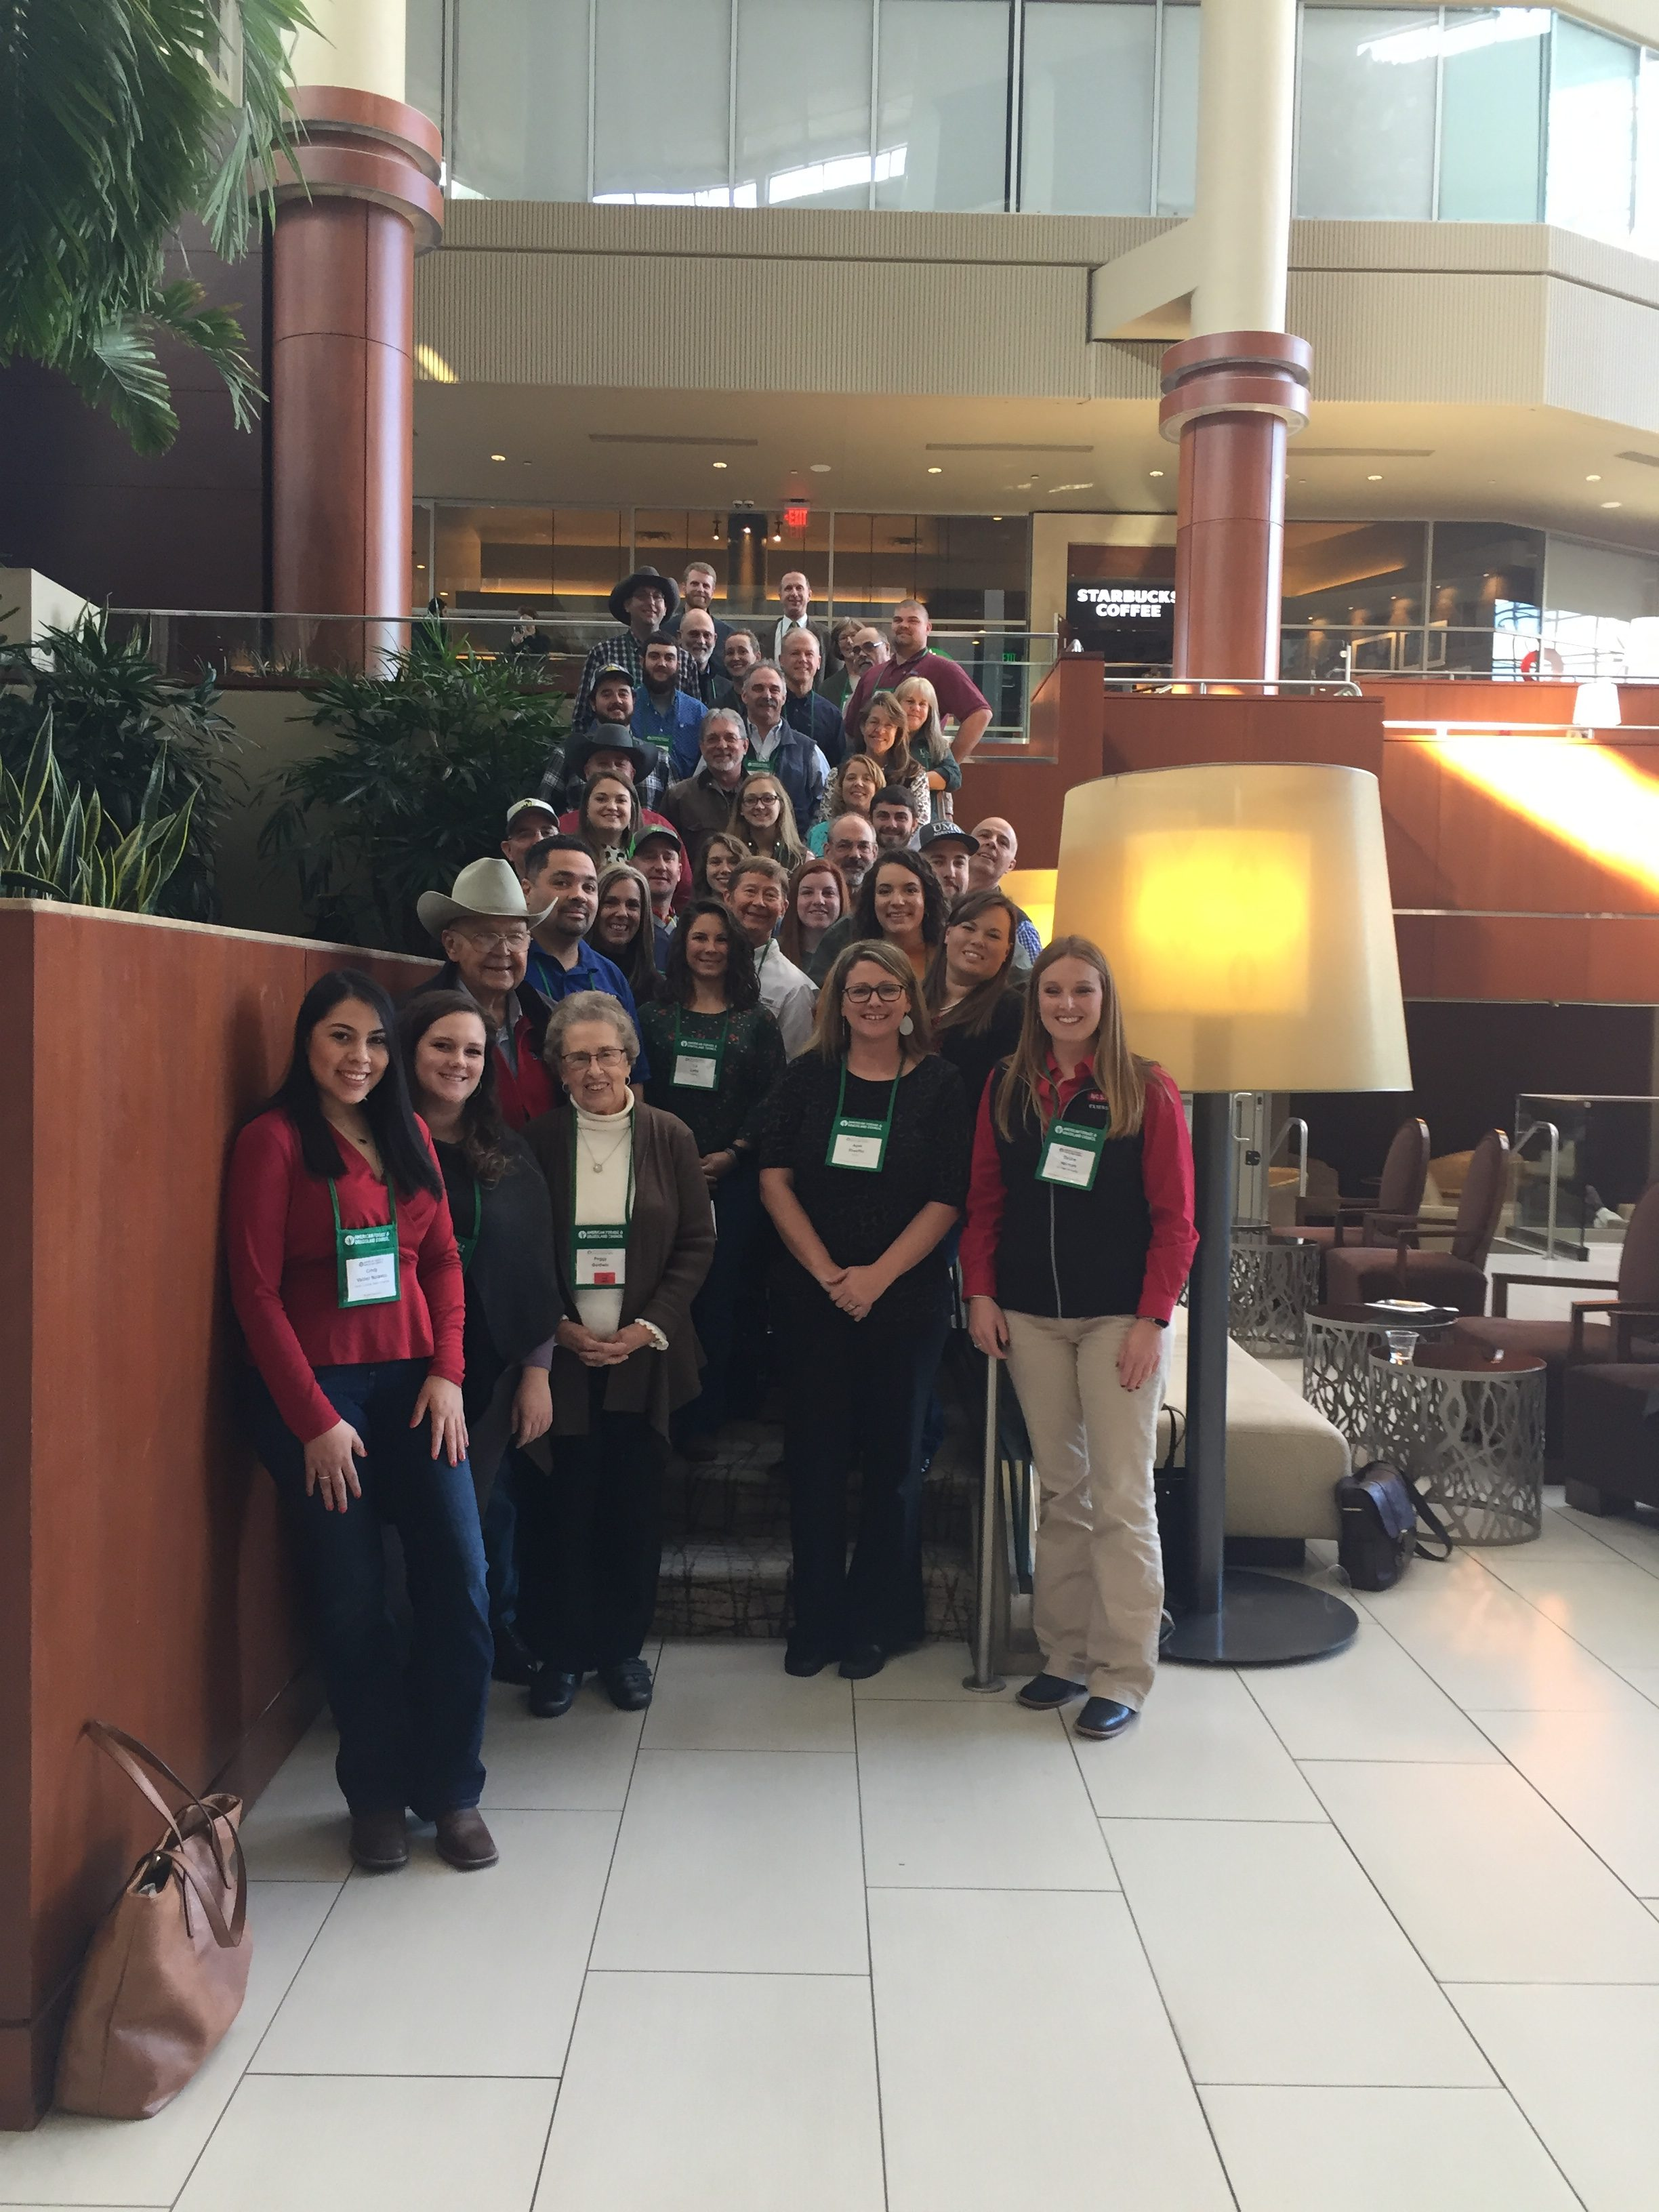 Image of North Carolina residents at AFGC